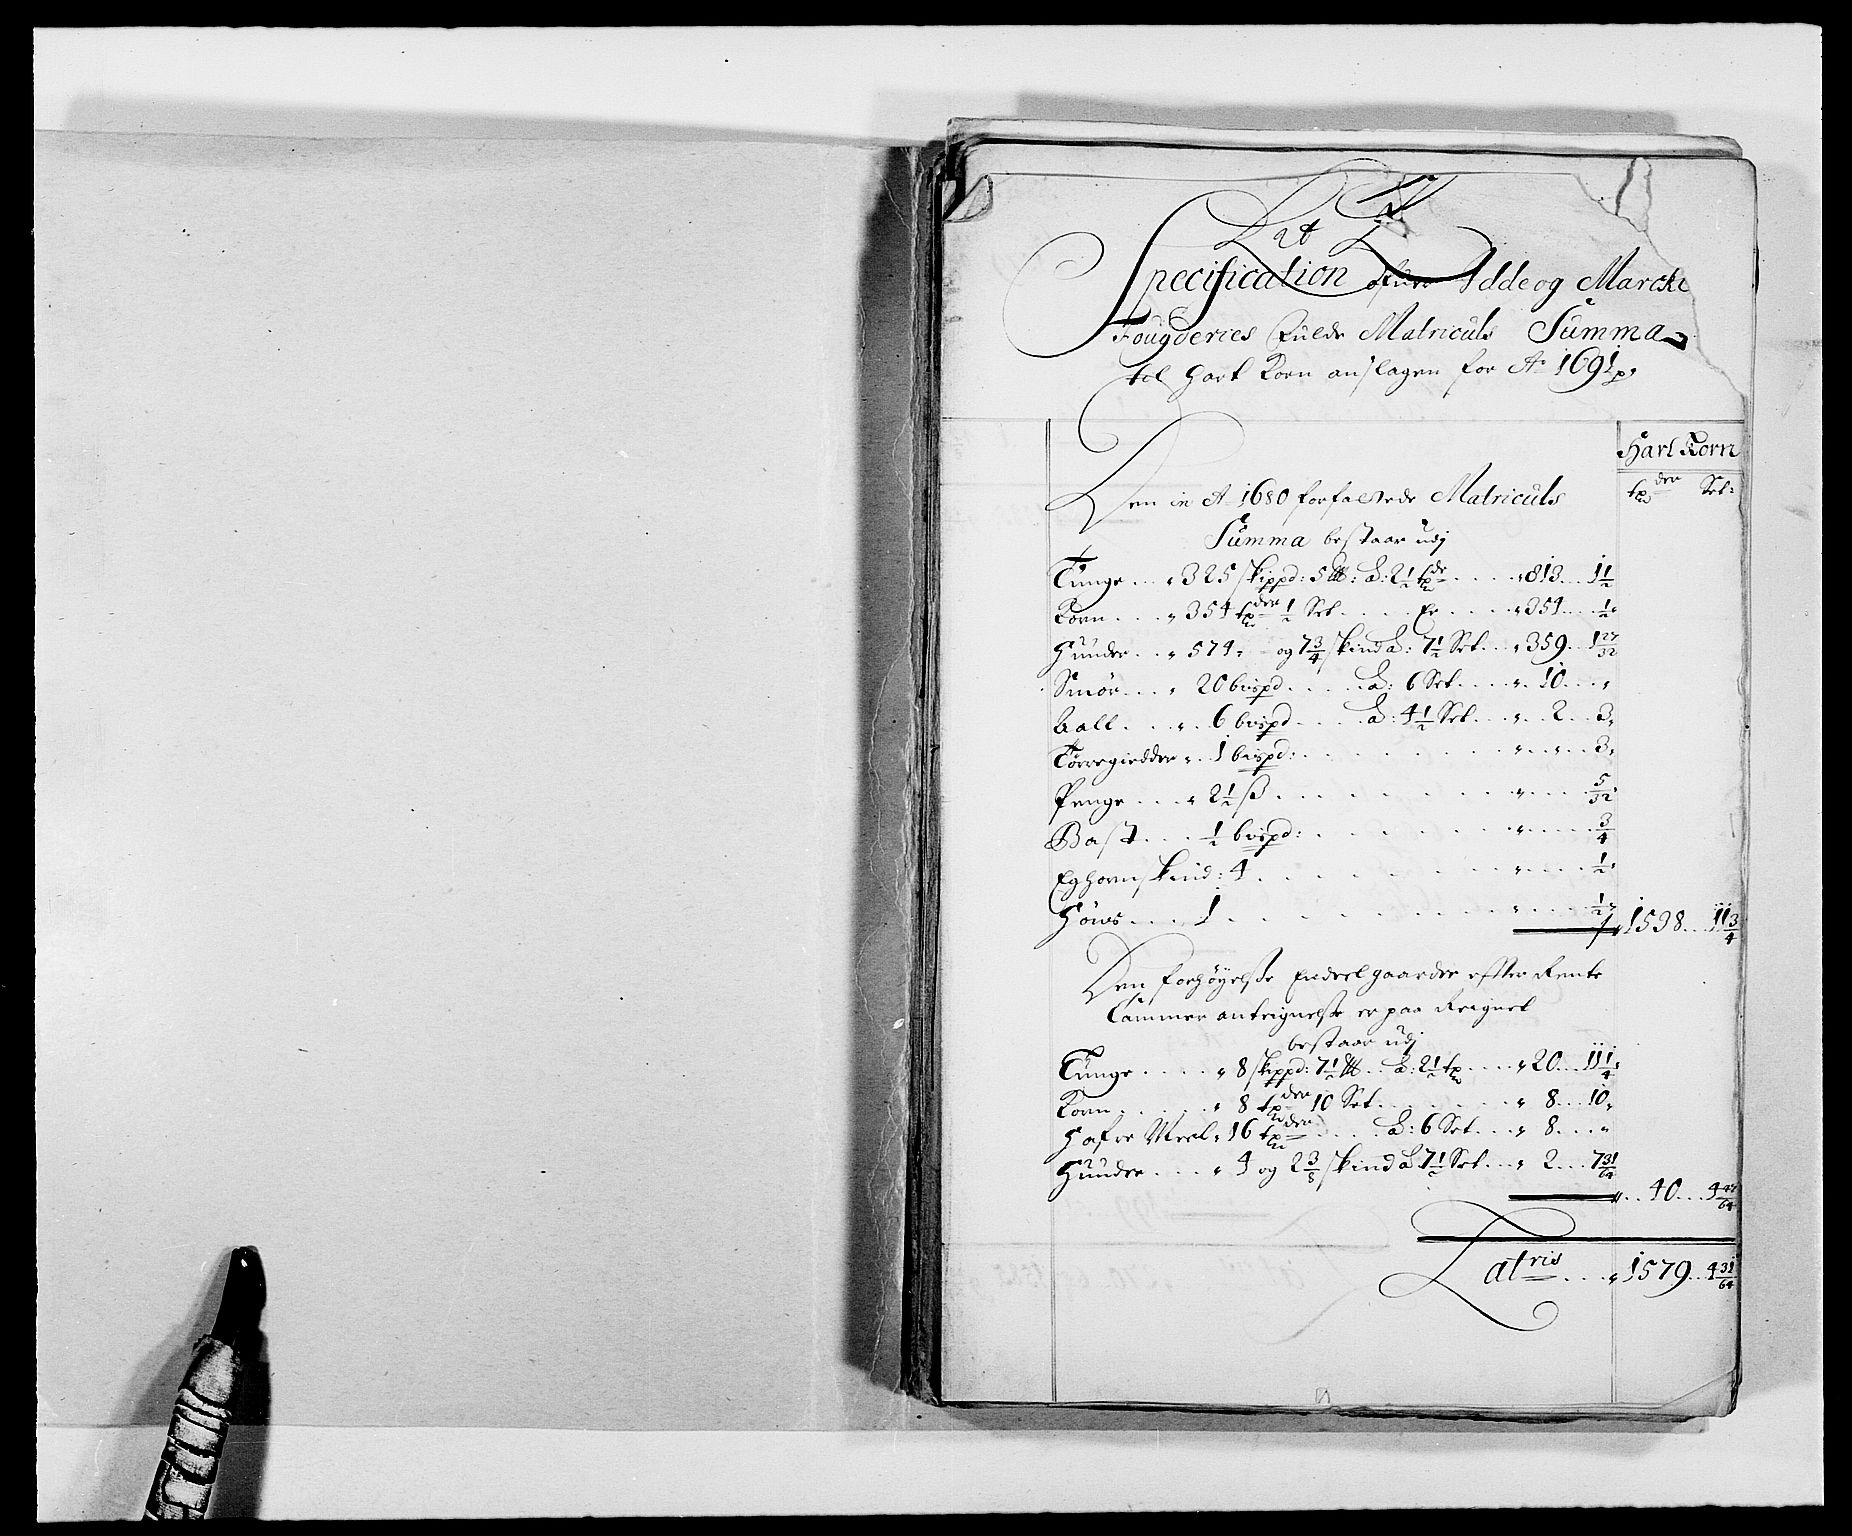 RA, Rentekammeret inntil 1814, Reviderte regnskaper, Fogderegnskap, R01/L0010: Fogderegnskap Idd og Marker, 1690-1691, p. 295